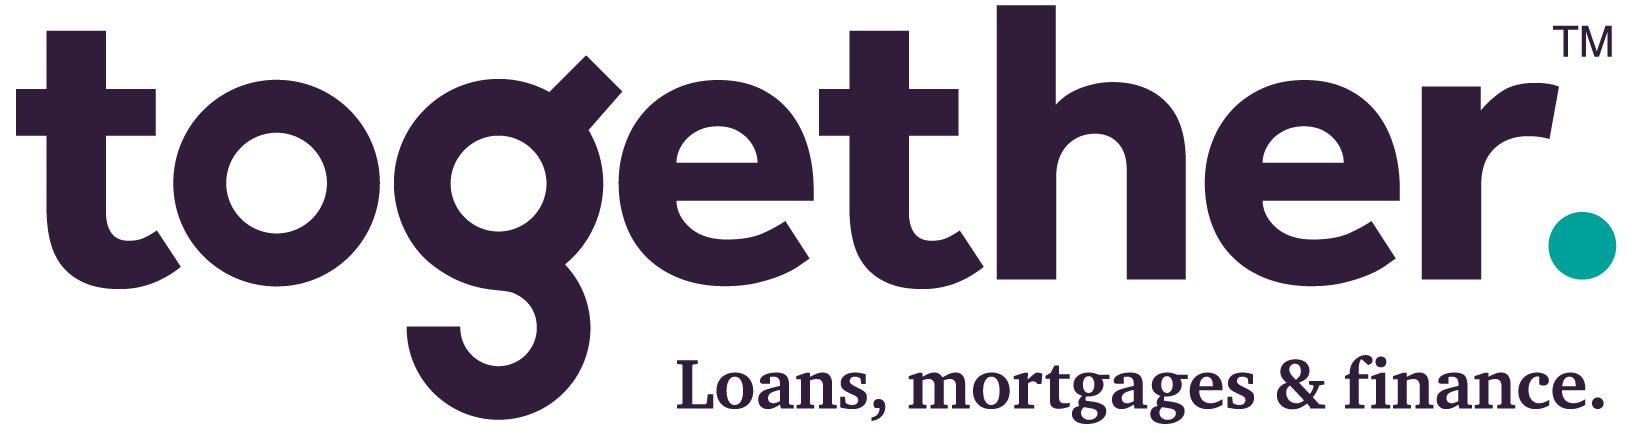 Together HMO Mortgage Lender